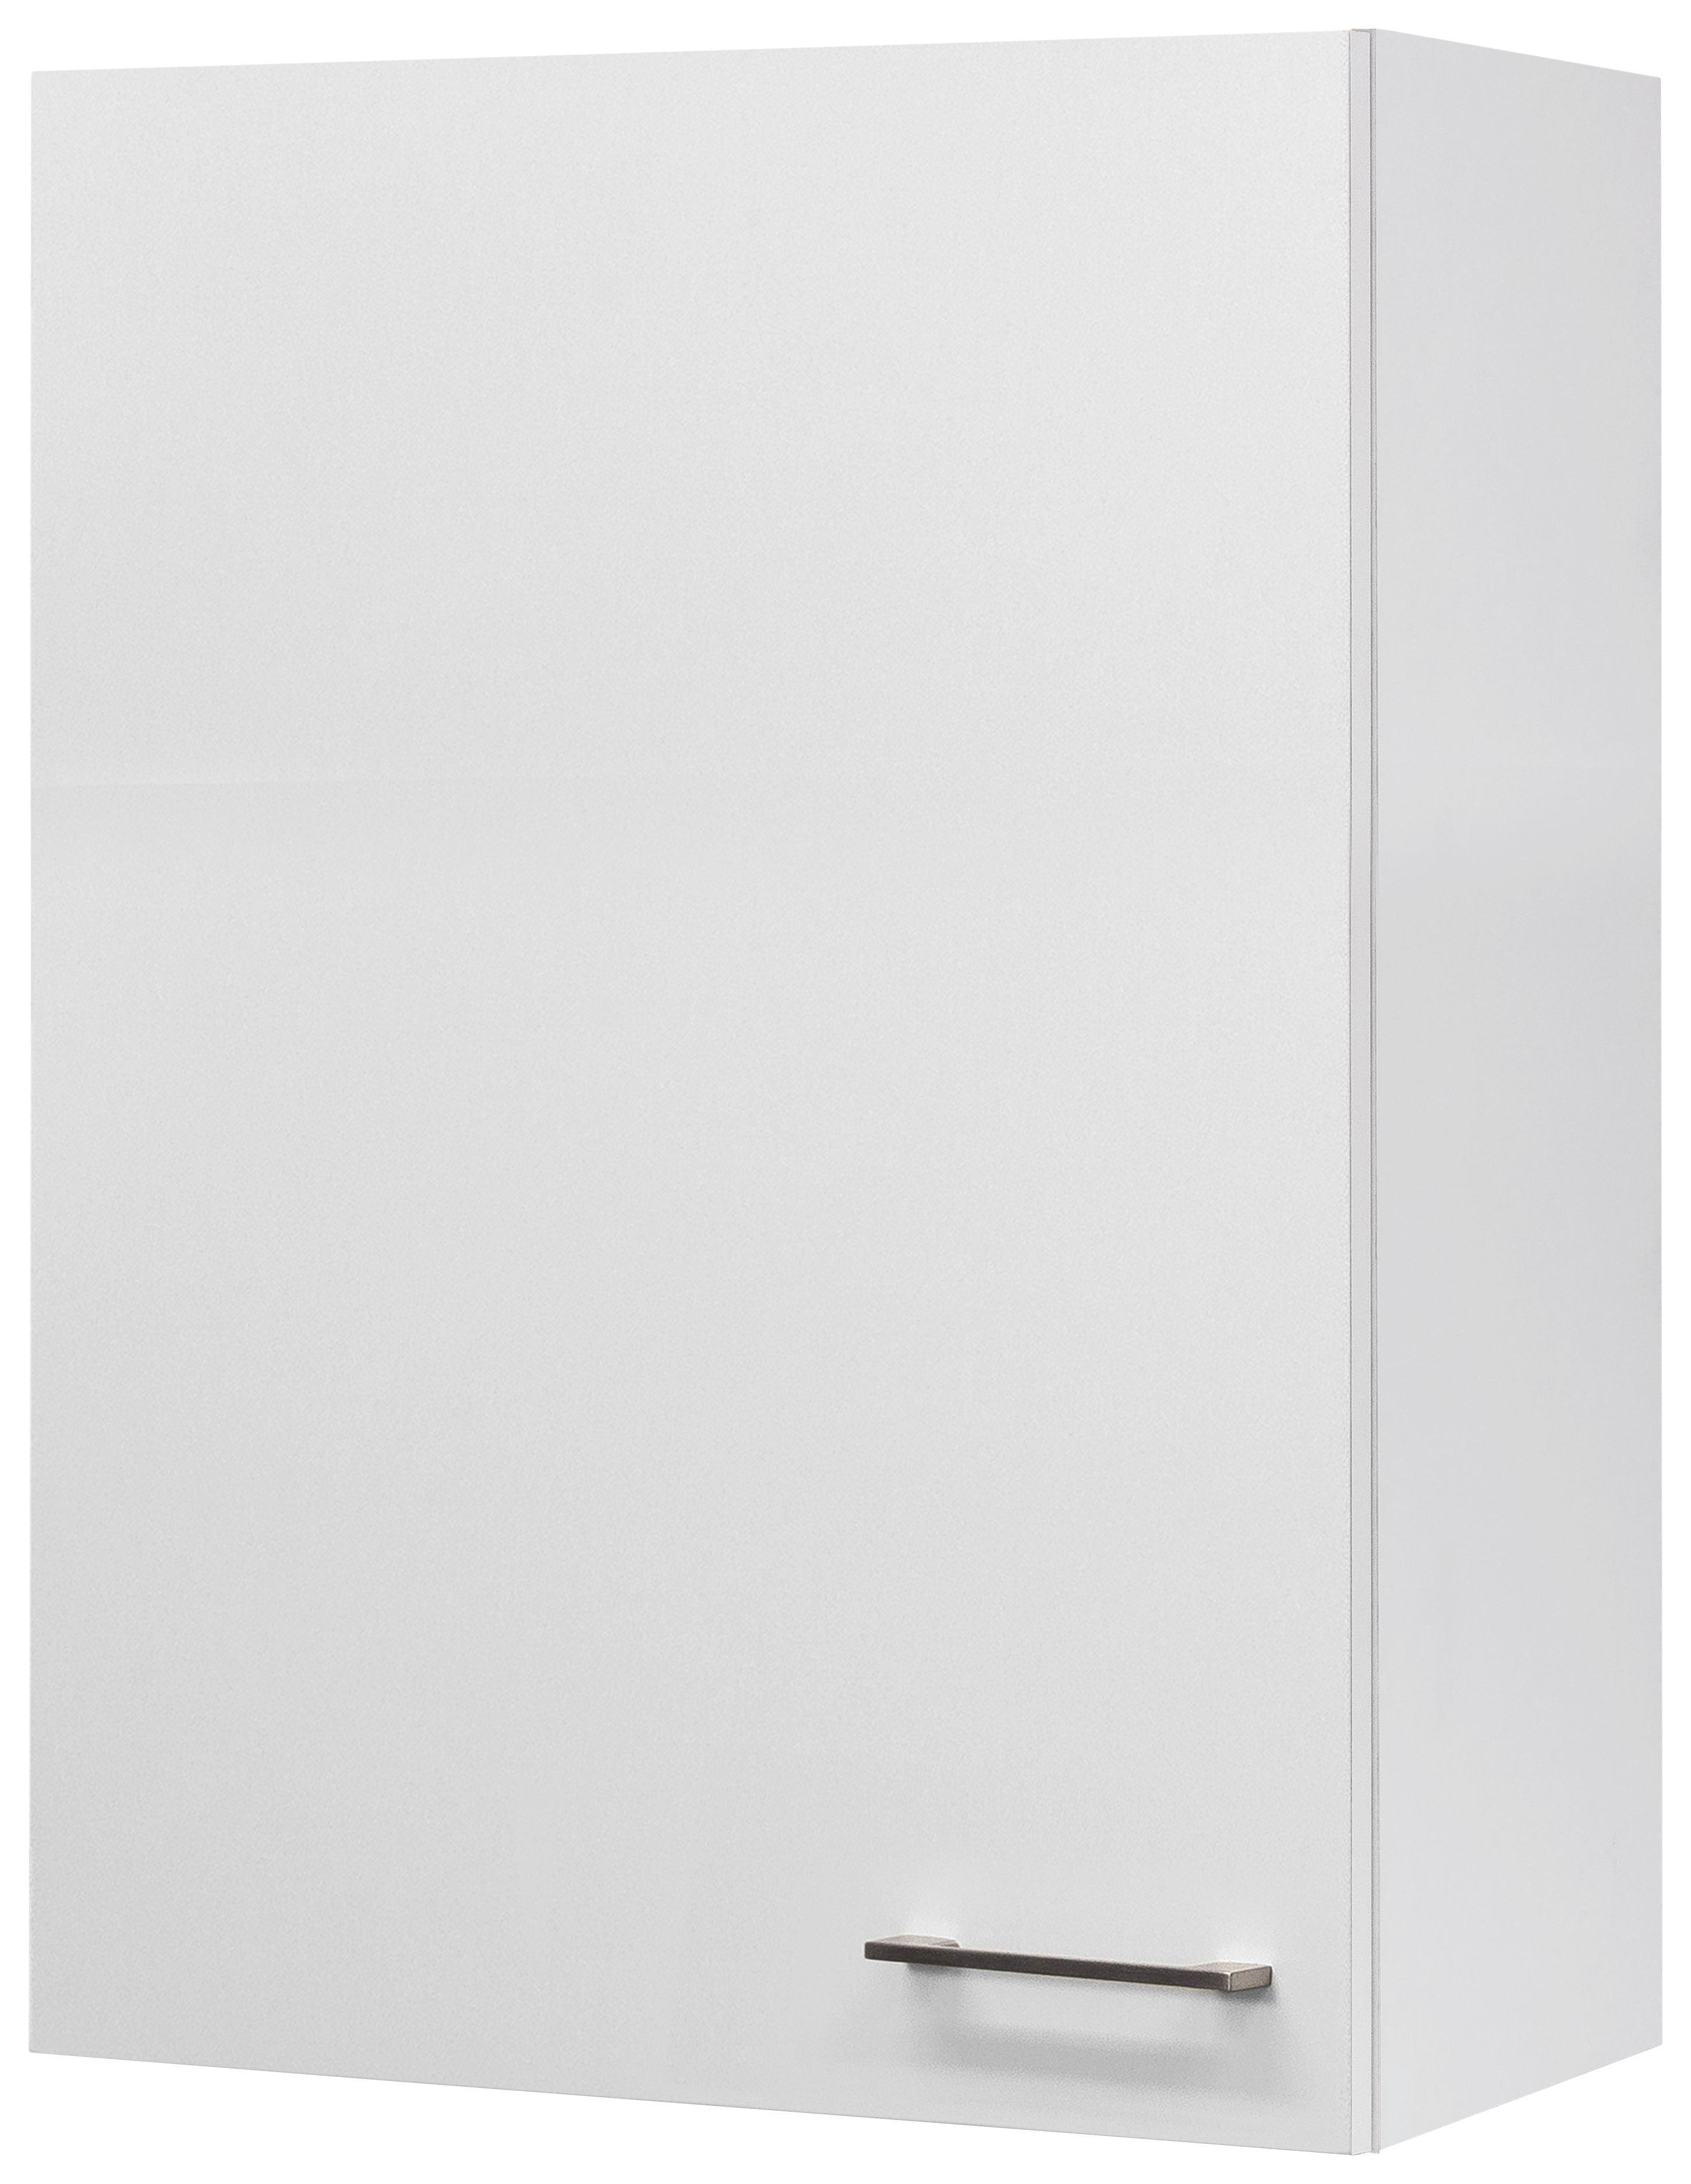 Küchenoberschrank Höhe ~ küchenoberschrank weiß online kaufen mömax